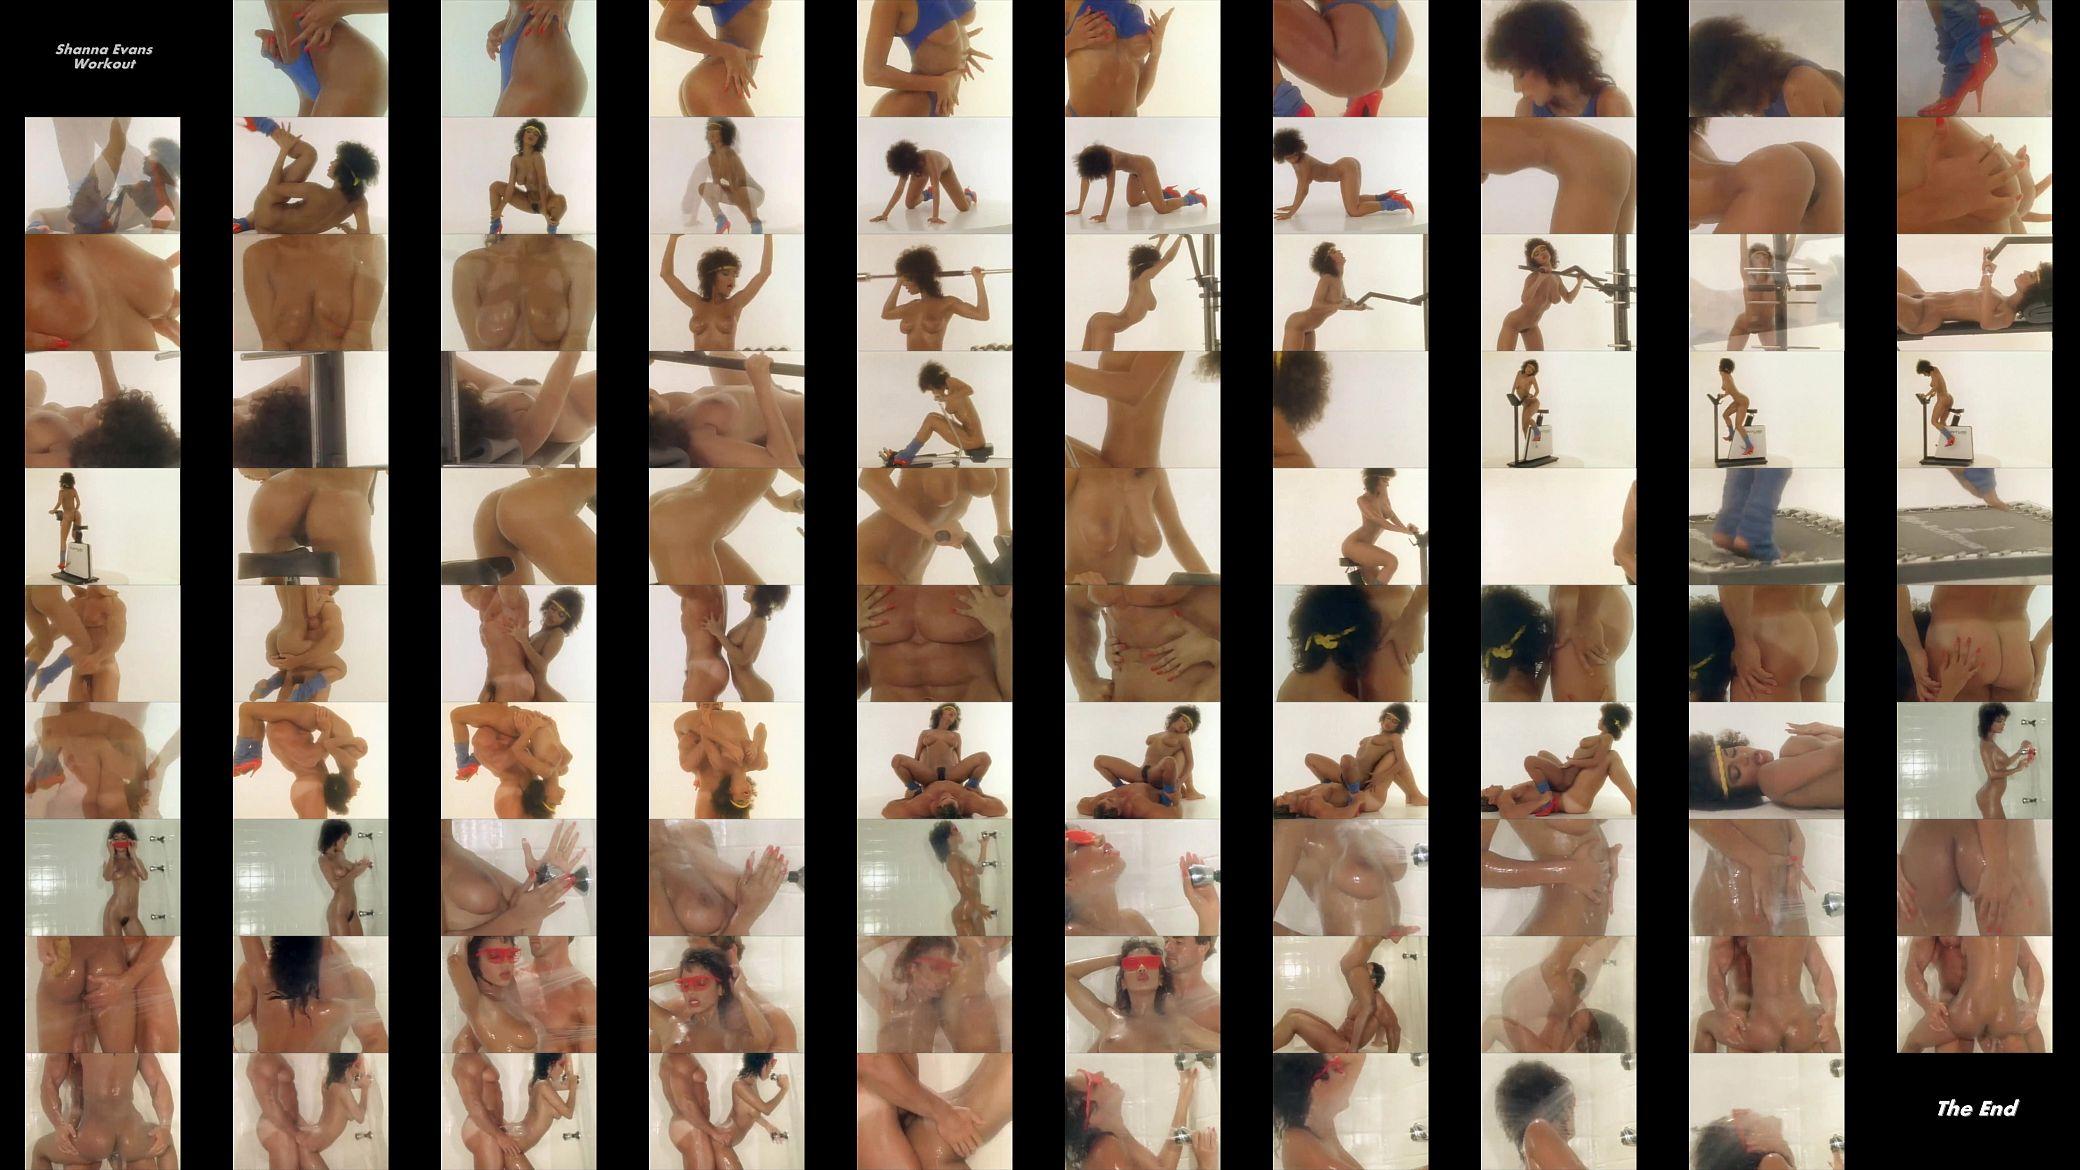 Shanna evans vintage pics nude